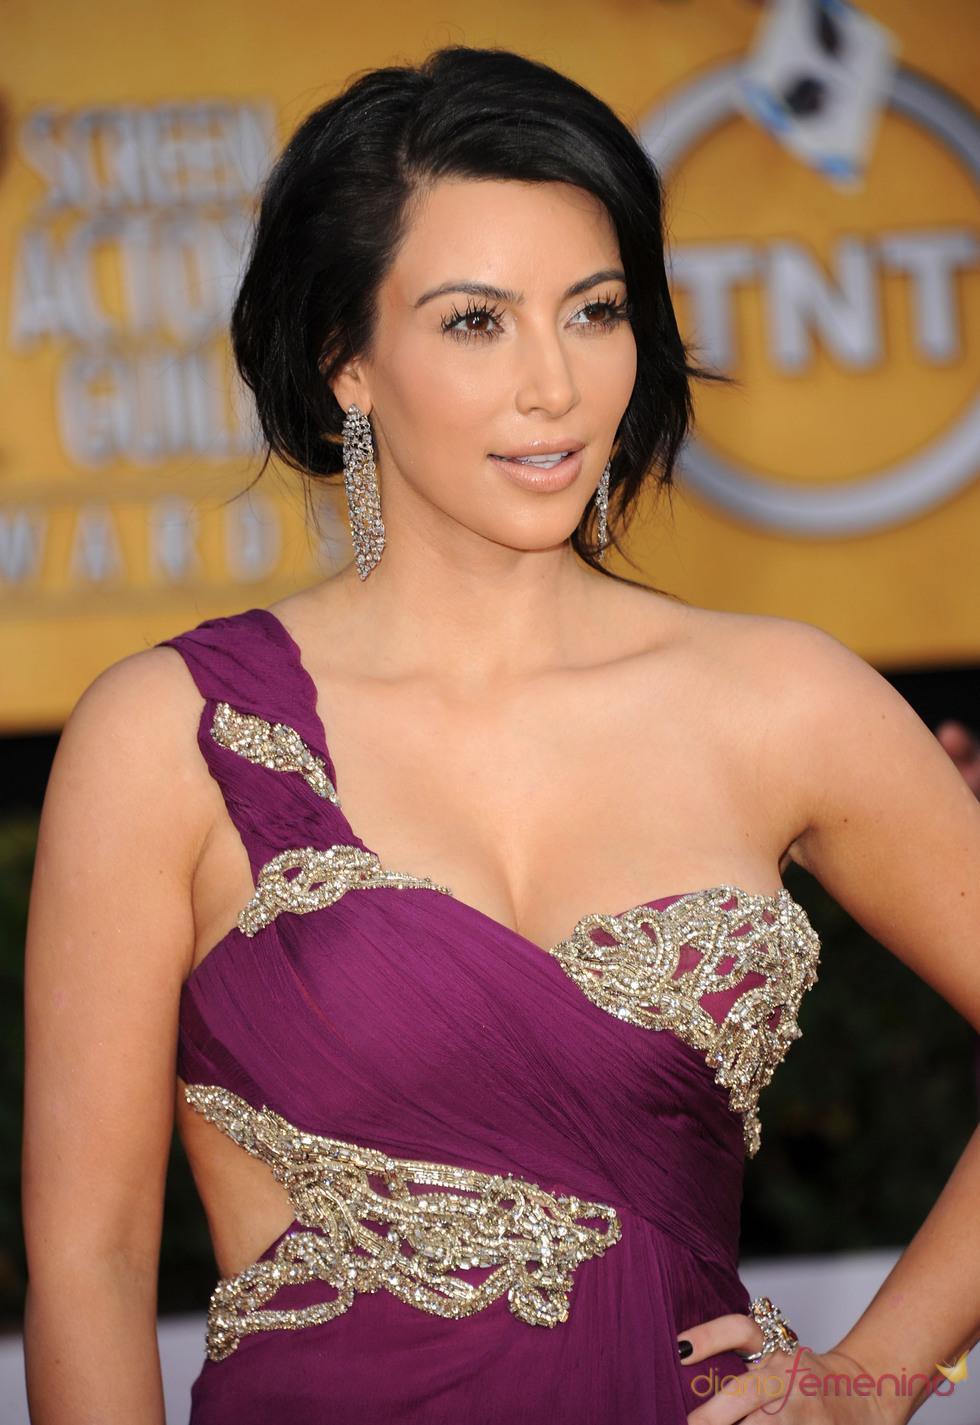 Kim Kardashian en la alfombra roja de los premios del Sindicato de Actores